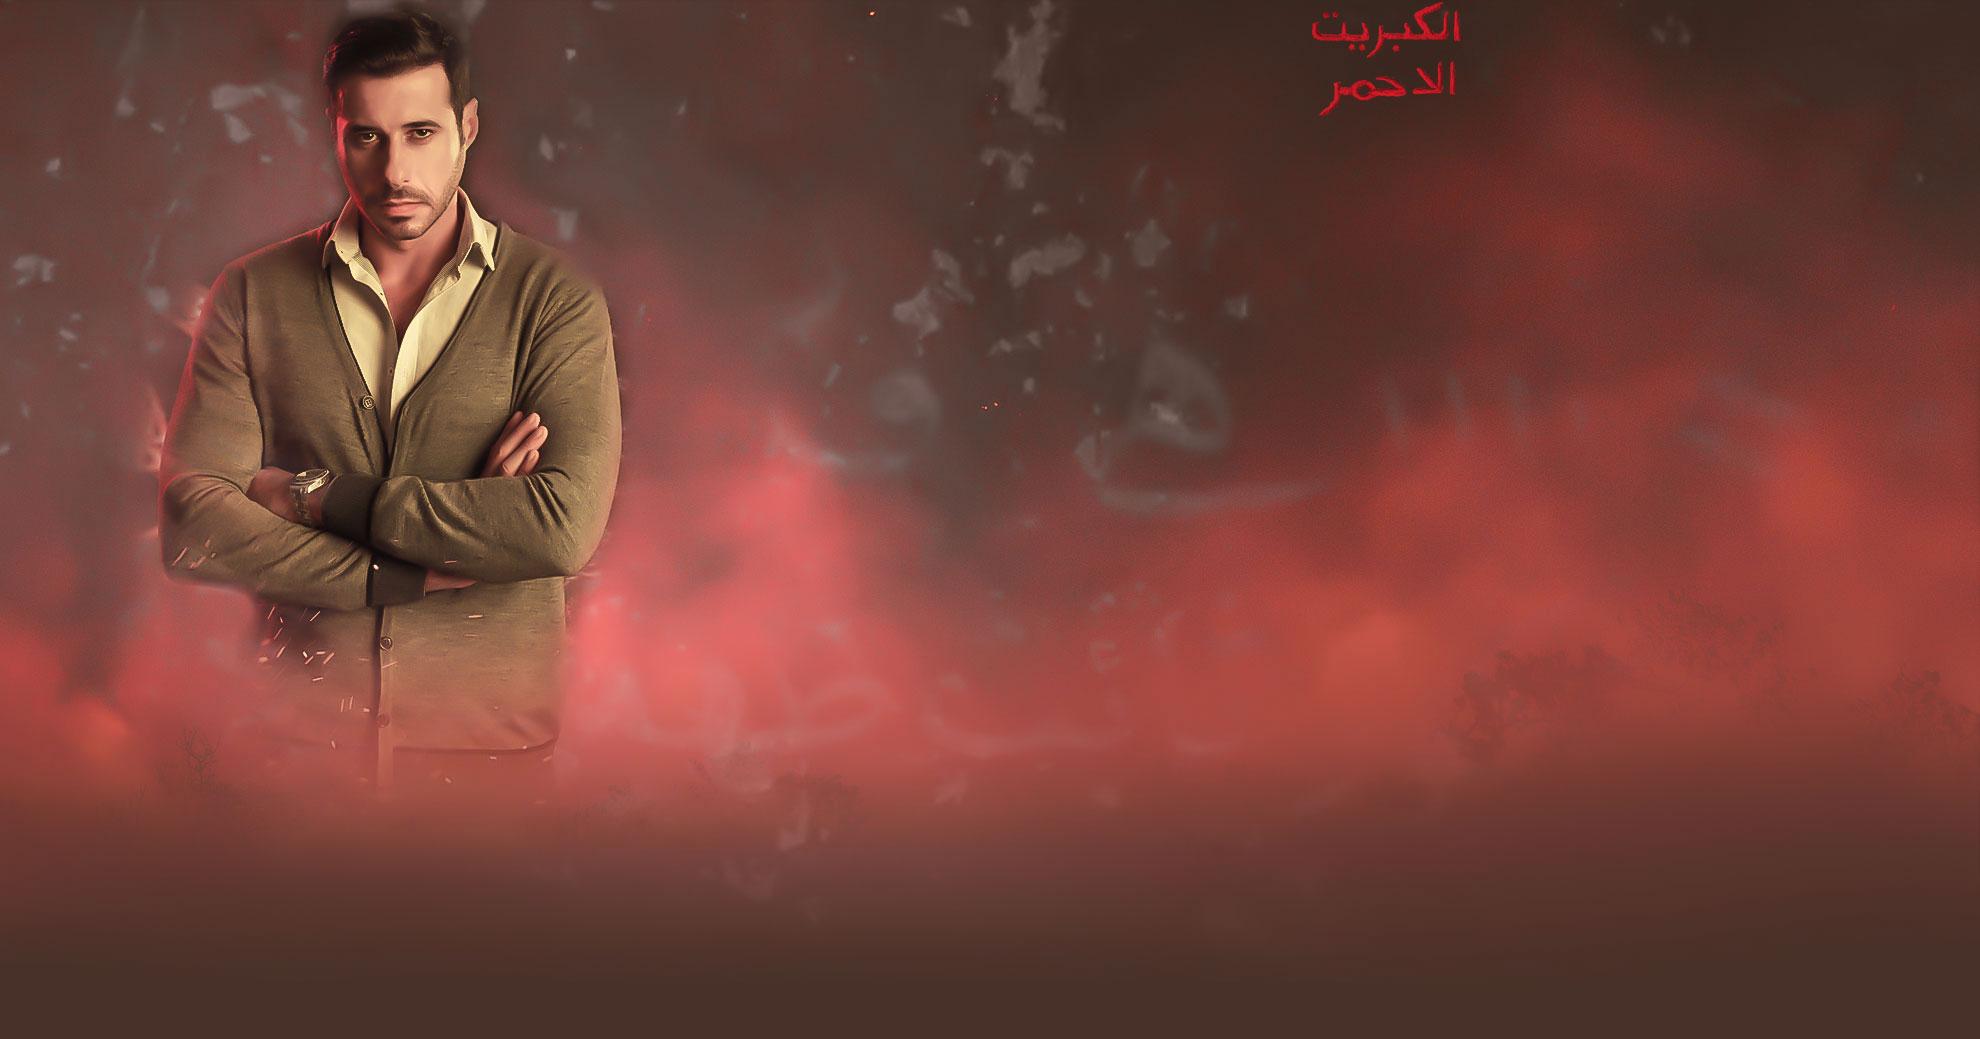 موعد وتوقيت عرض مسلسل الكبريت الأحمر 2016 على قناة mbc